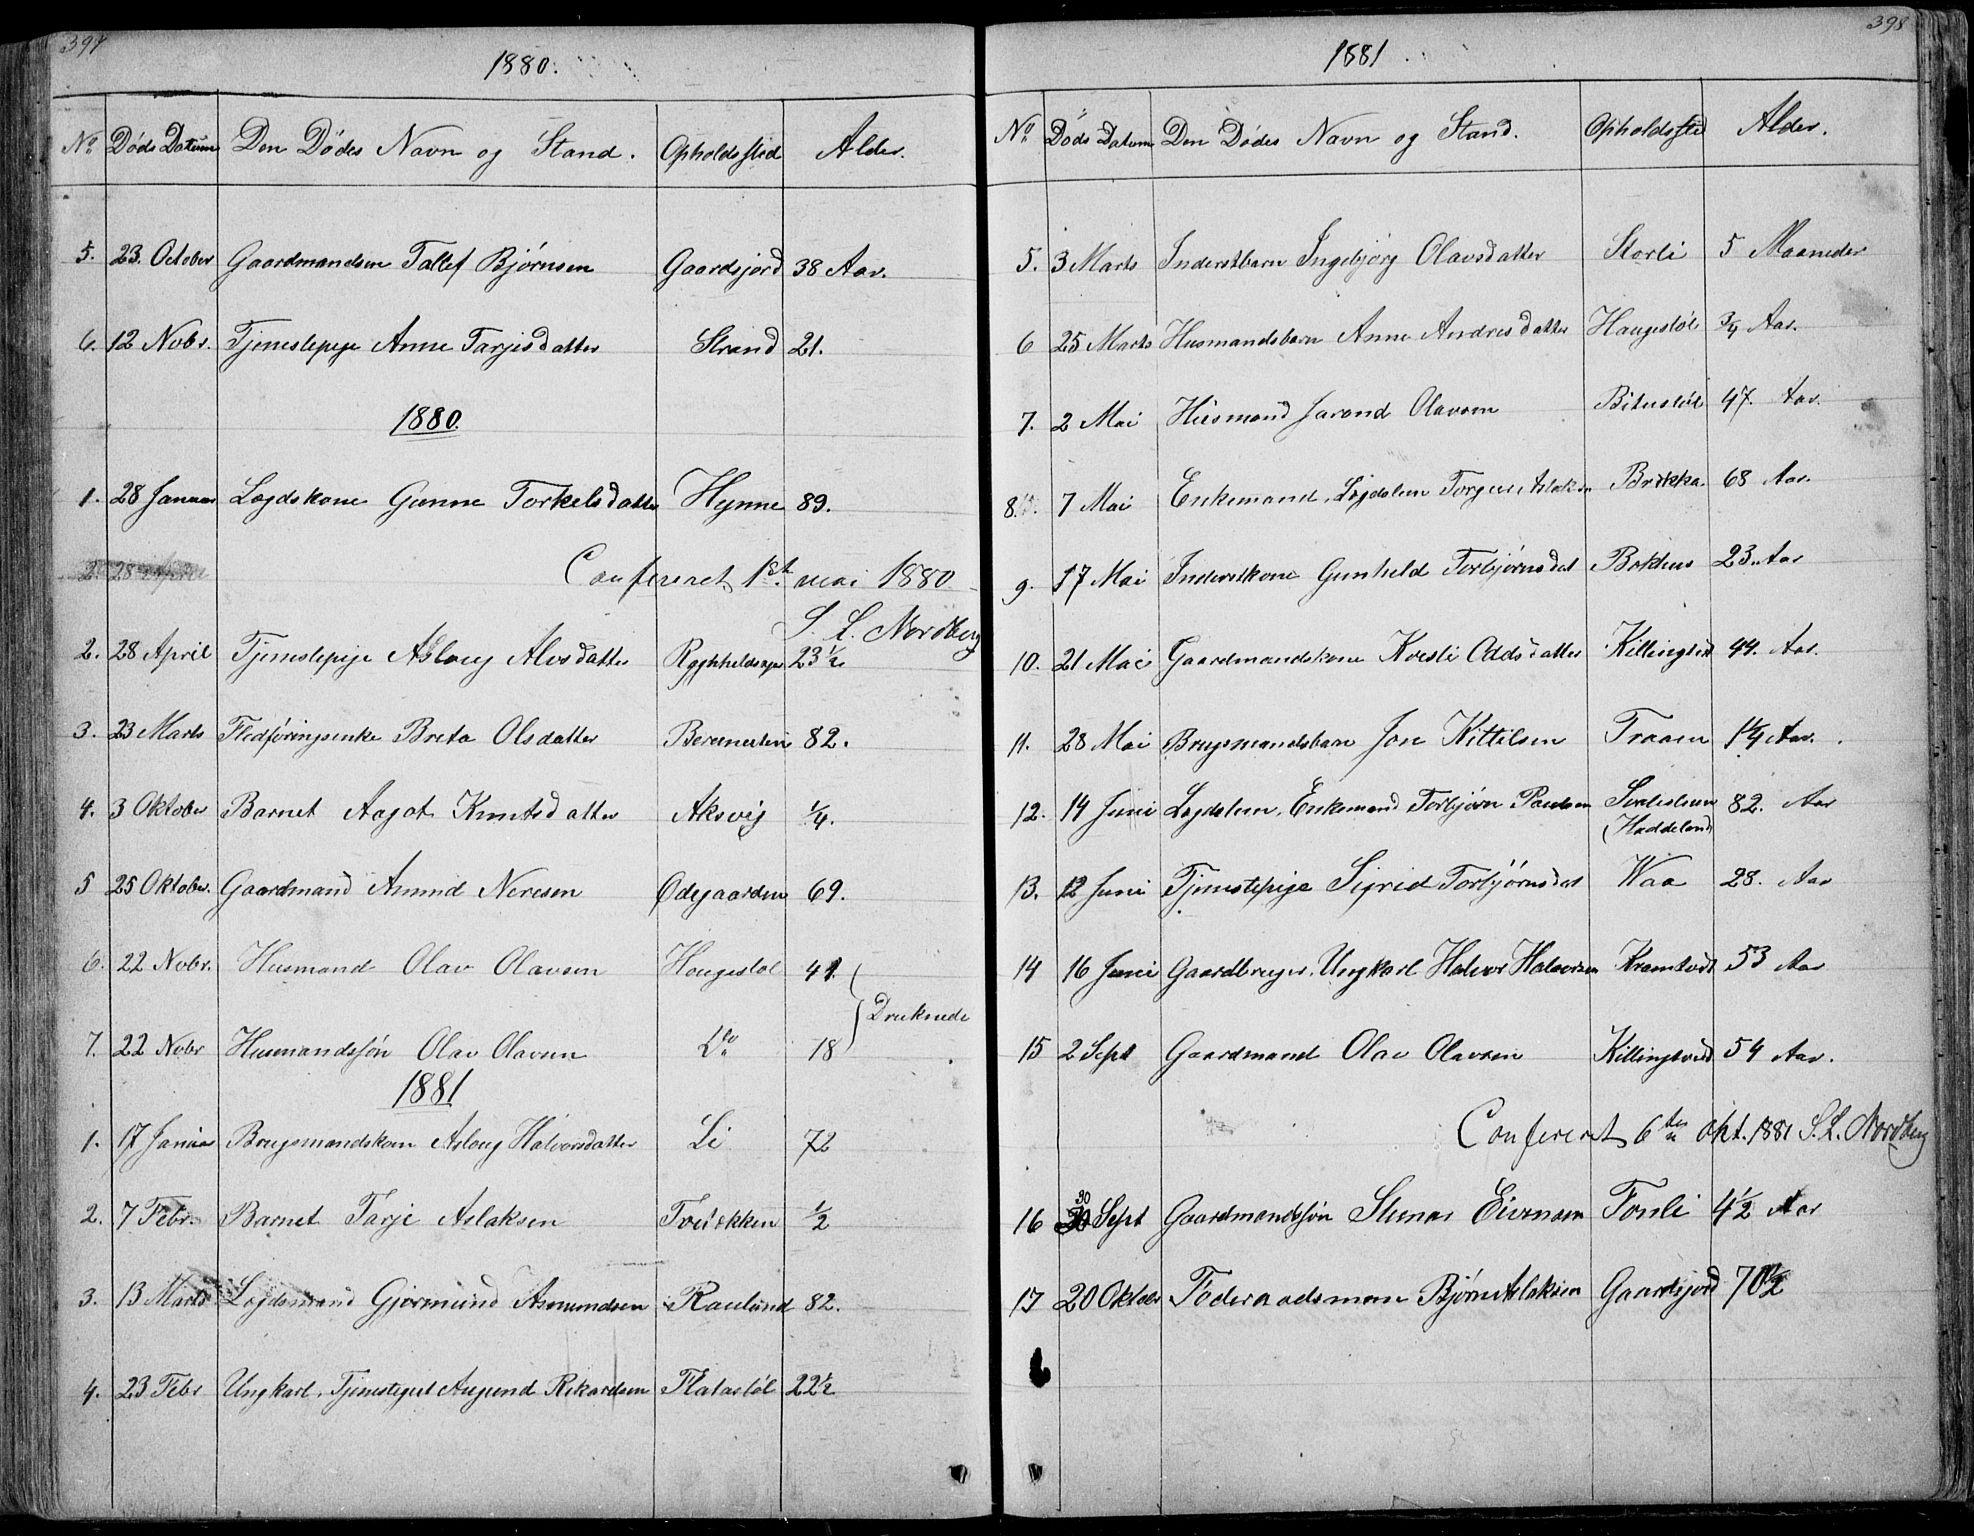 SAKO, Rauland kirkebøker, G/Ga/L0002: Klokkerbok nr. I 2, 1849-1935, s. 397-398